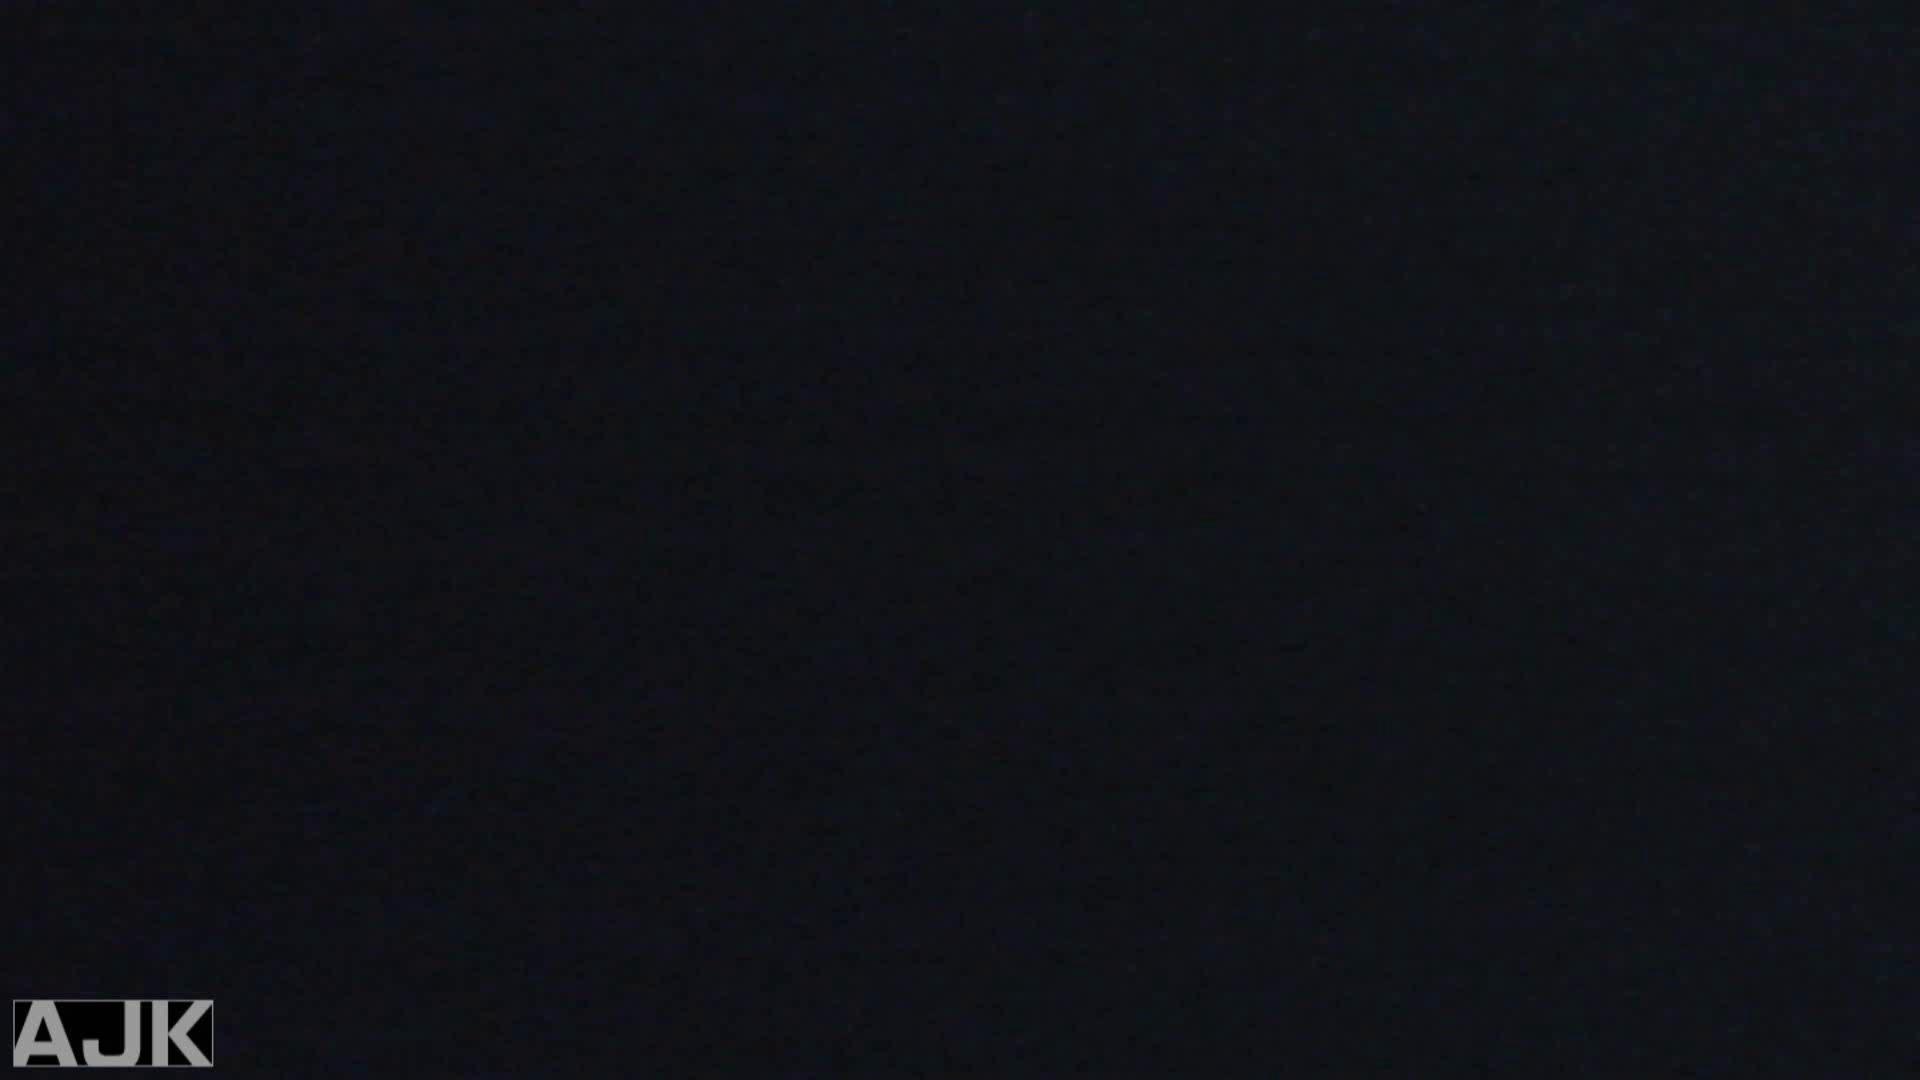 神降臨!史上最強の潜入かわや! vol.12 オマンコ無修正  91Pix 20